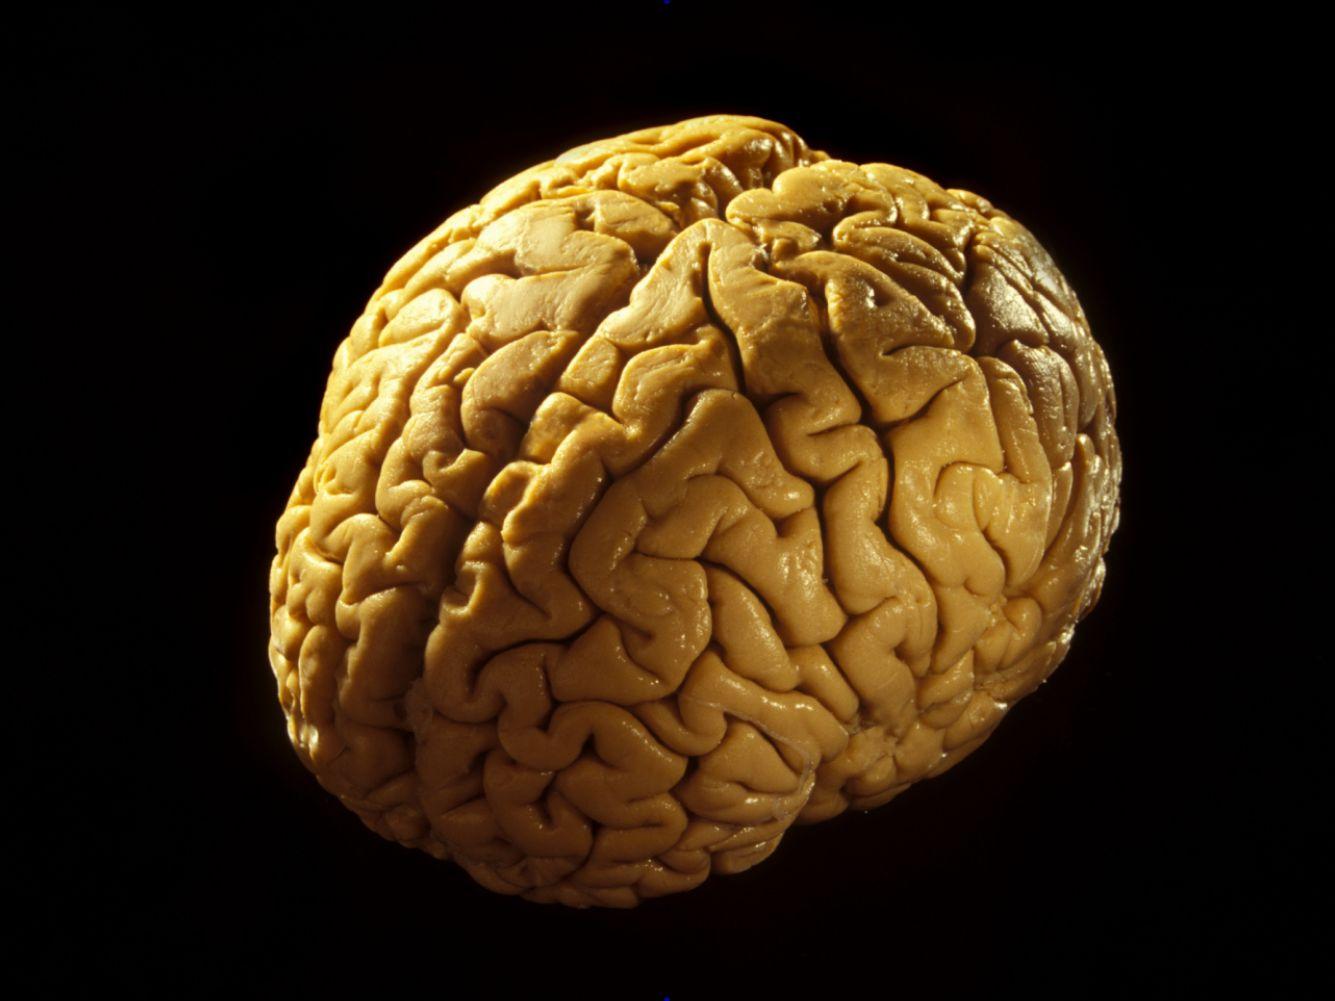 Human Brain Quiz - How Well Do You Know Brain Anatomy?